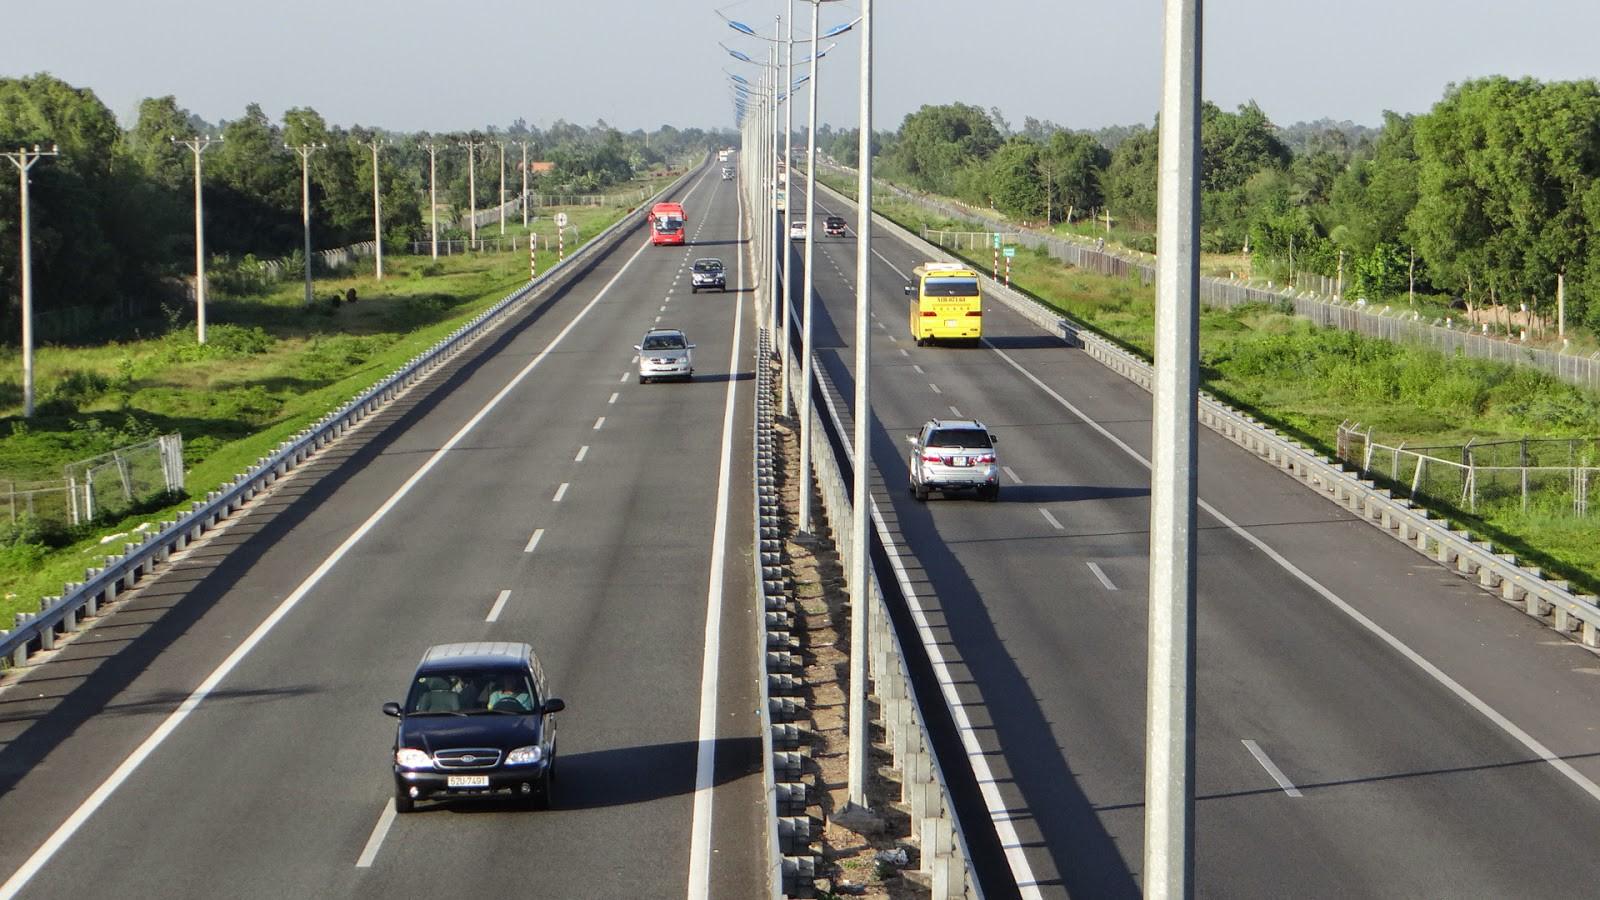 Bình Dương đẩy nhanh các dự án giao thông kết nối Vùng kinh tế trọng điểm phía Nam